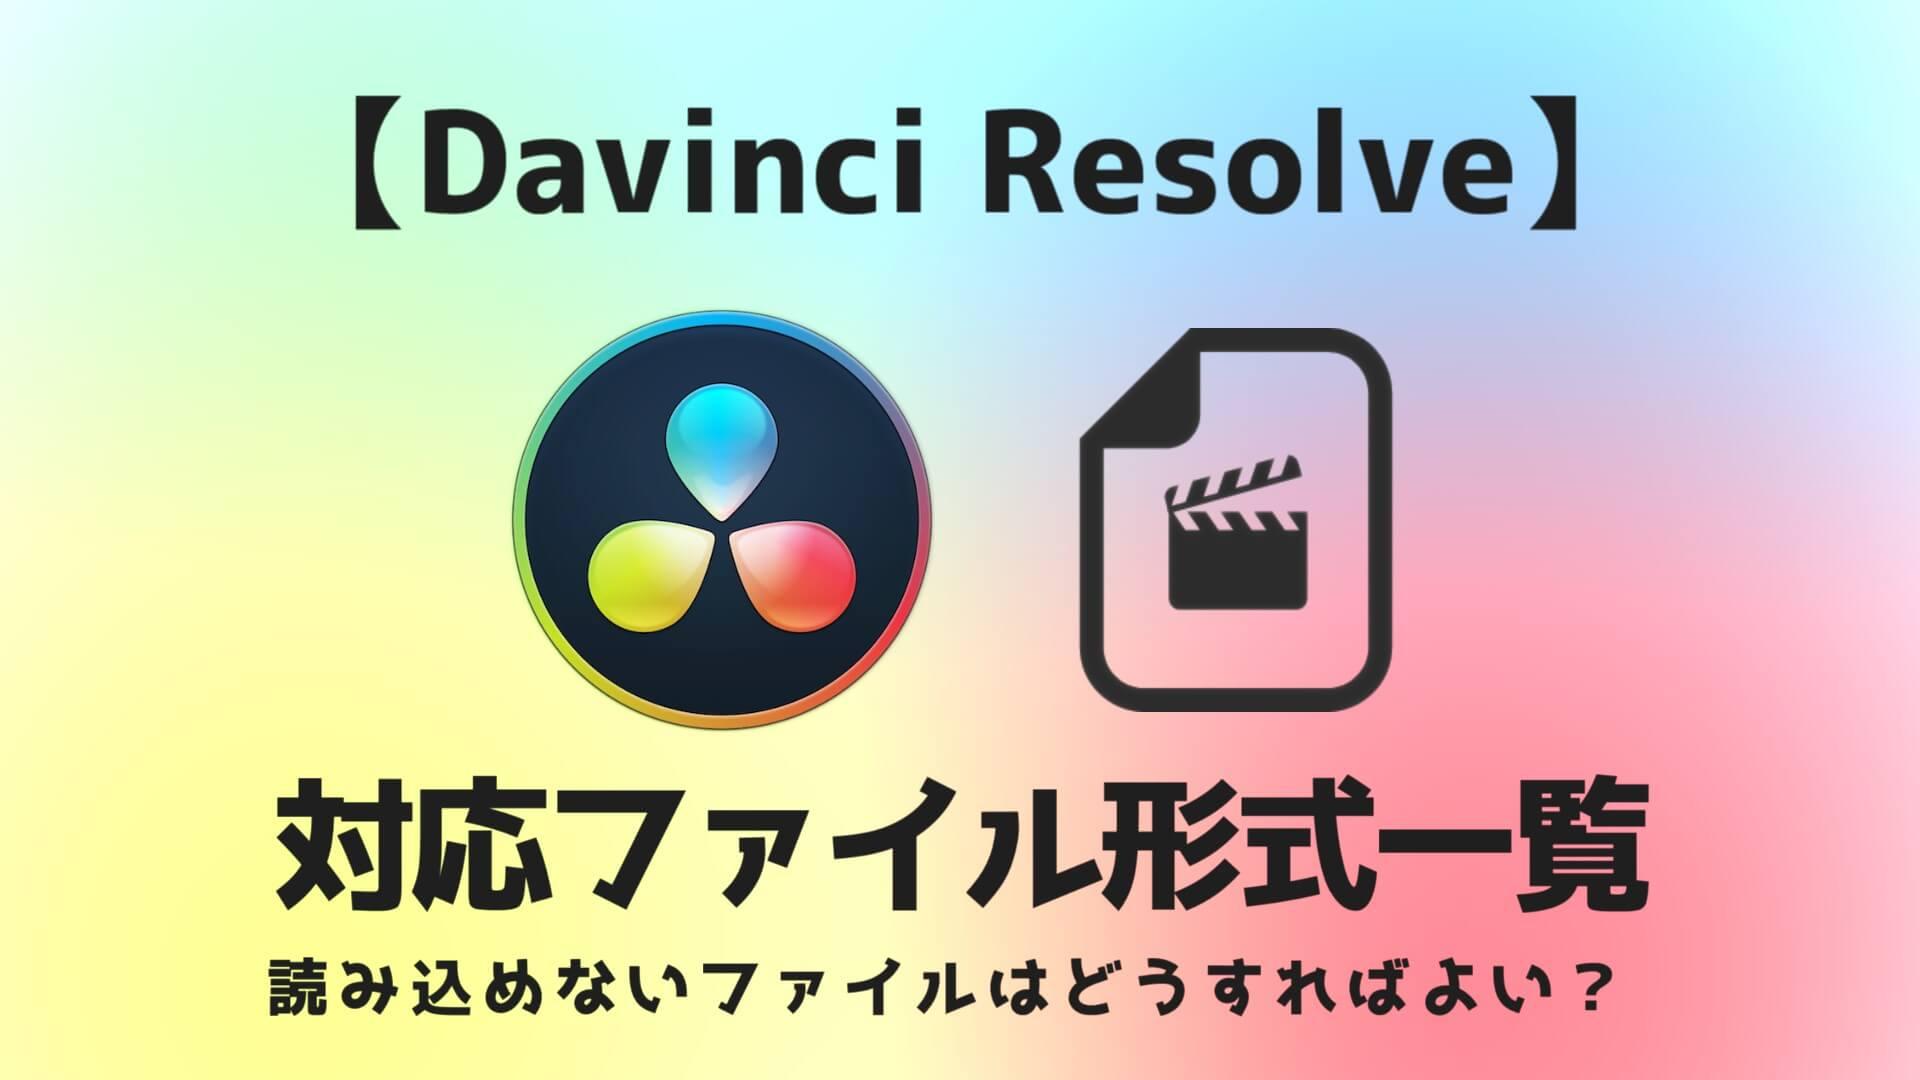 DaVinci Resolve対応ファイル形式一覧サムネイル